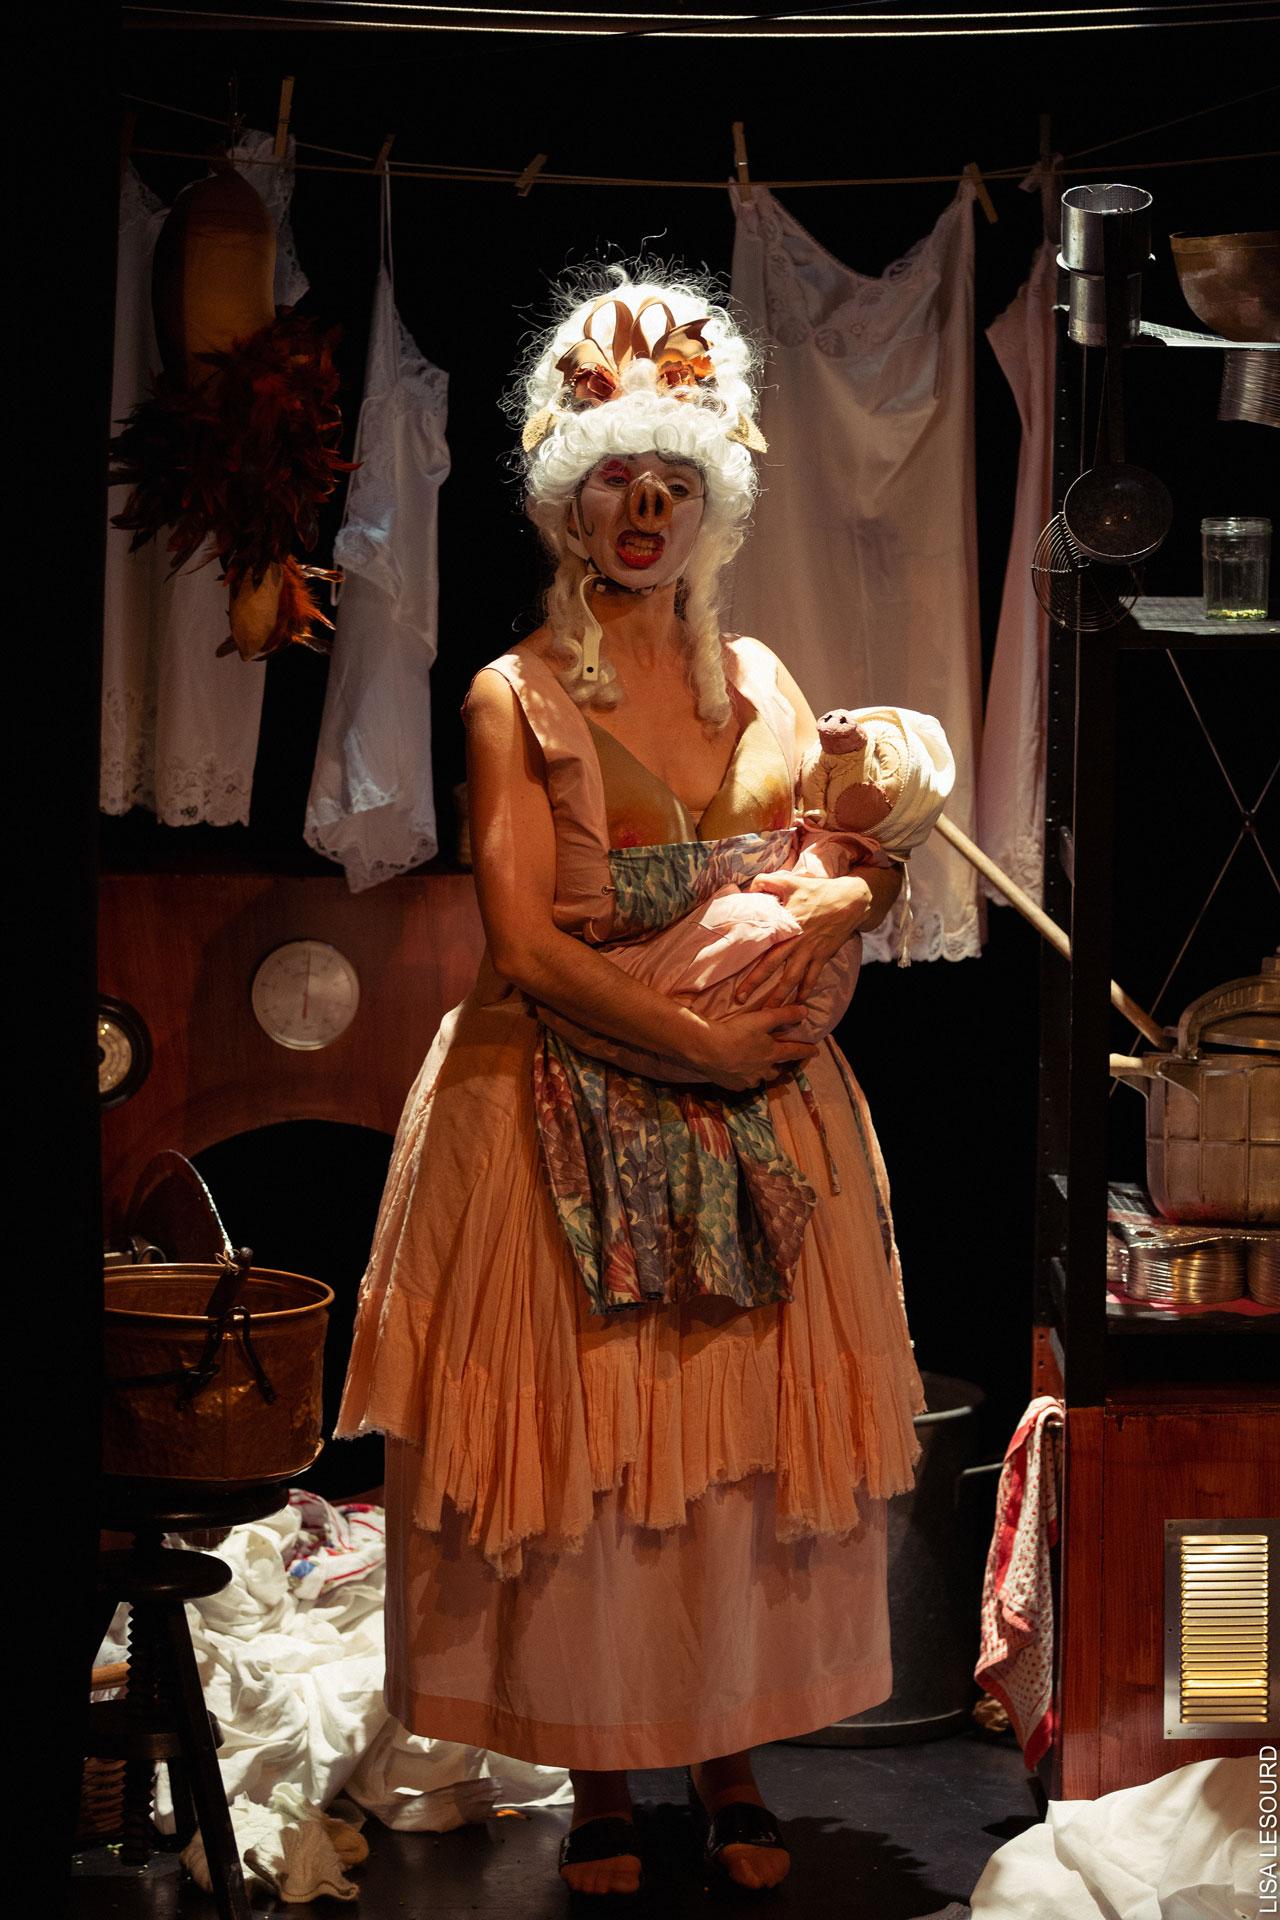 La duchesse tient son bébé.